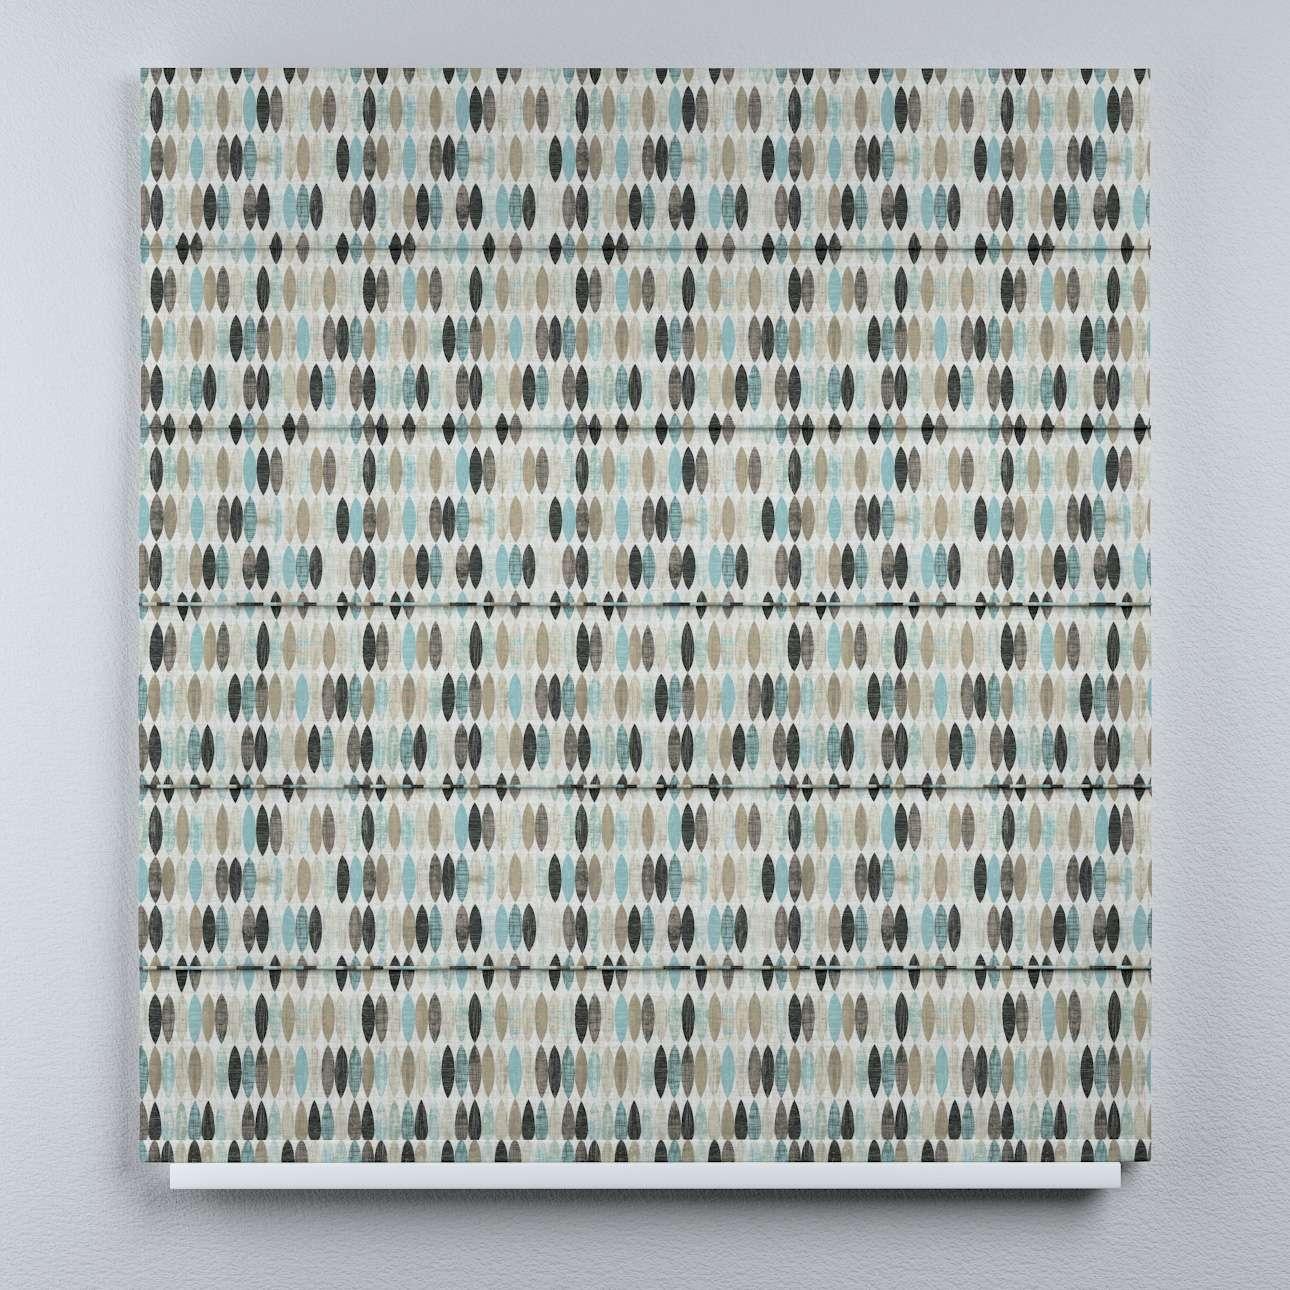 Roleta rzymska Duo w kolekcji Modern, tkanina: 141-91